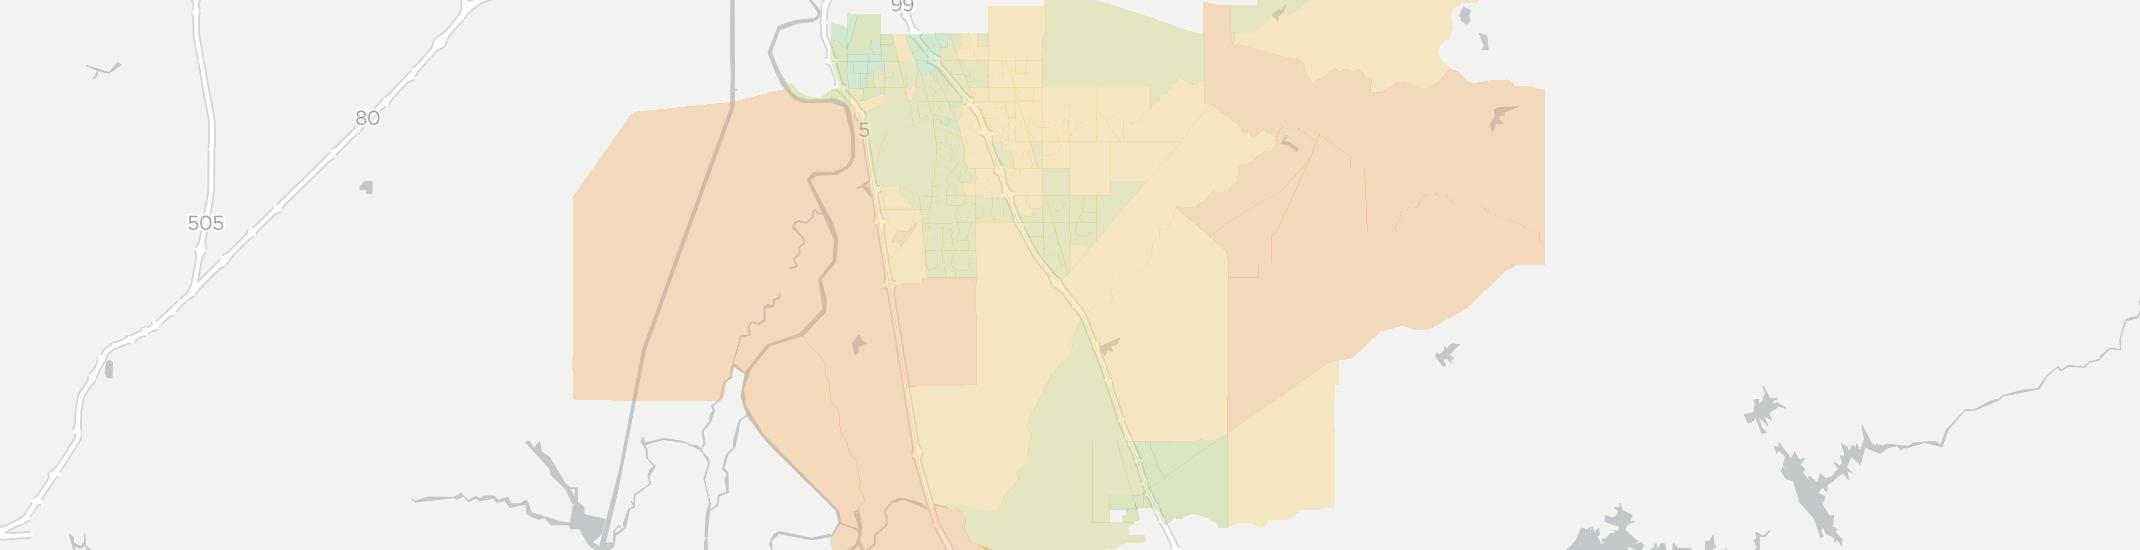 Internet Providers In Elk Grove Compare 20 Providers